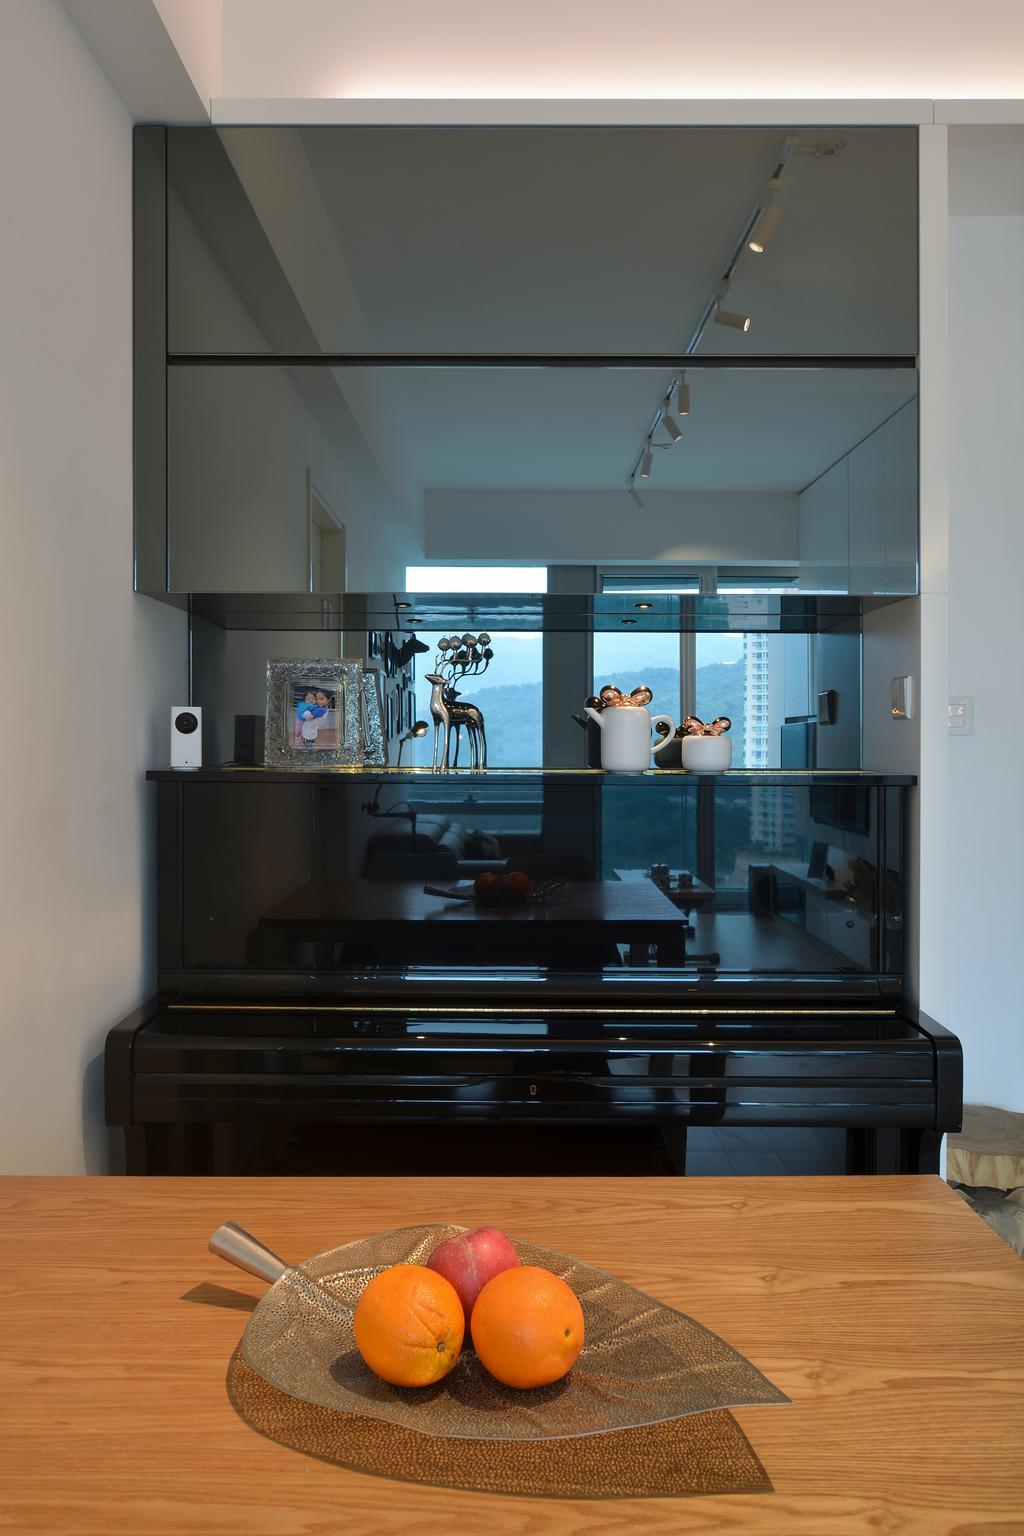 私家樓, 飯廳, Savannah, 室內設計師, Space Design